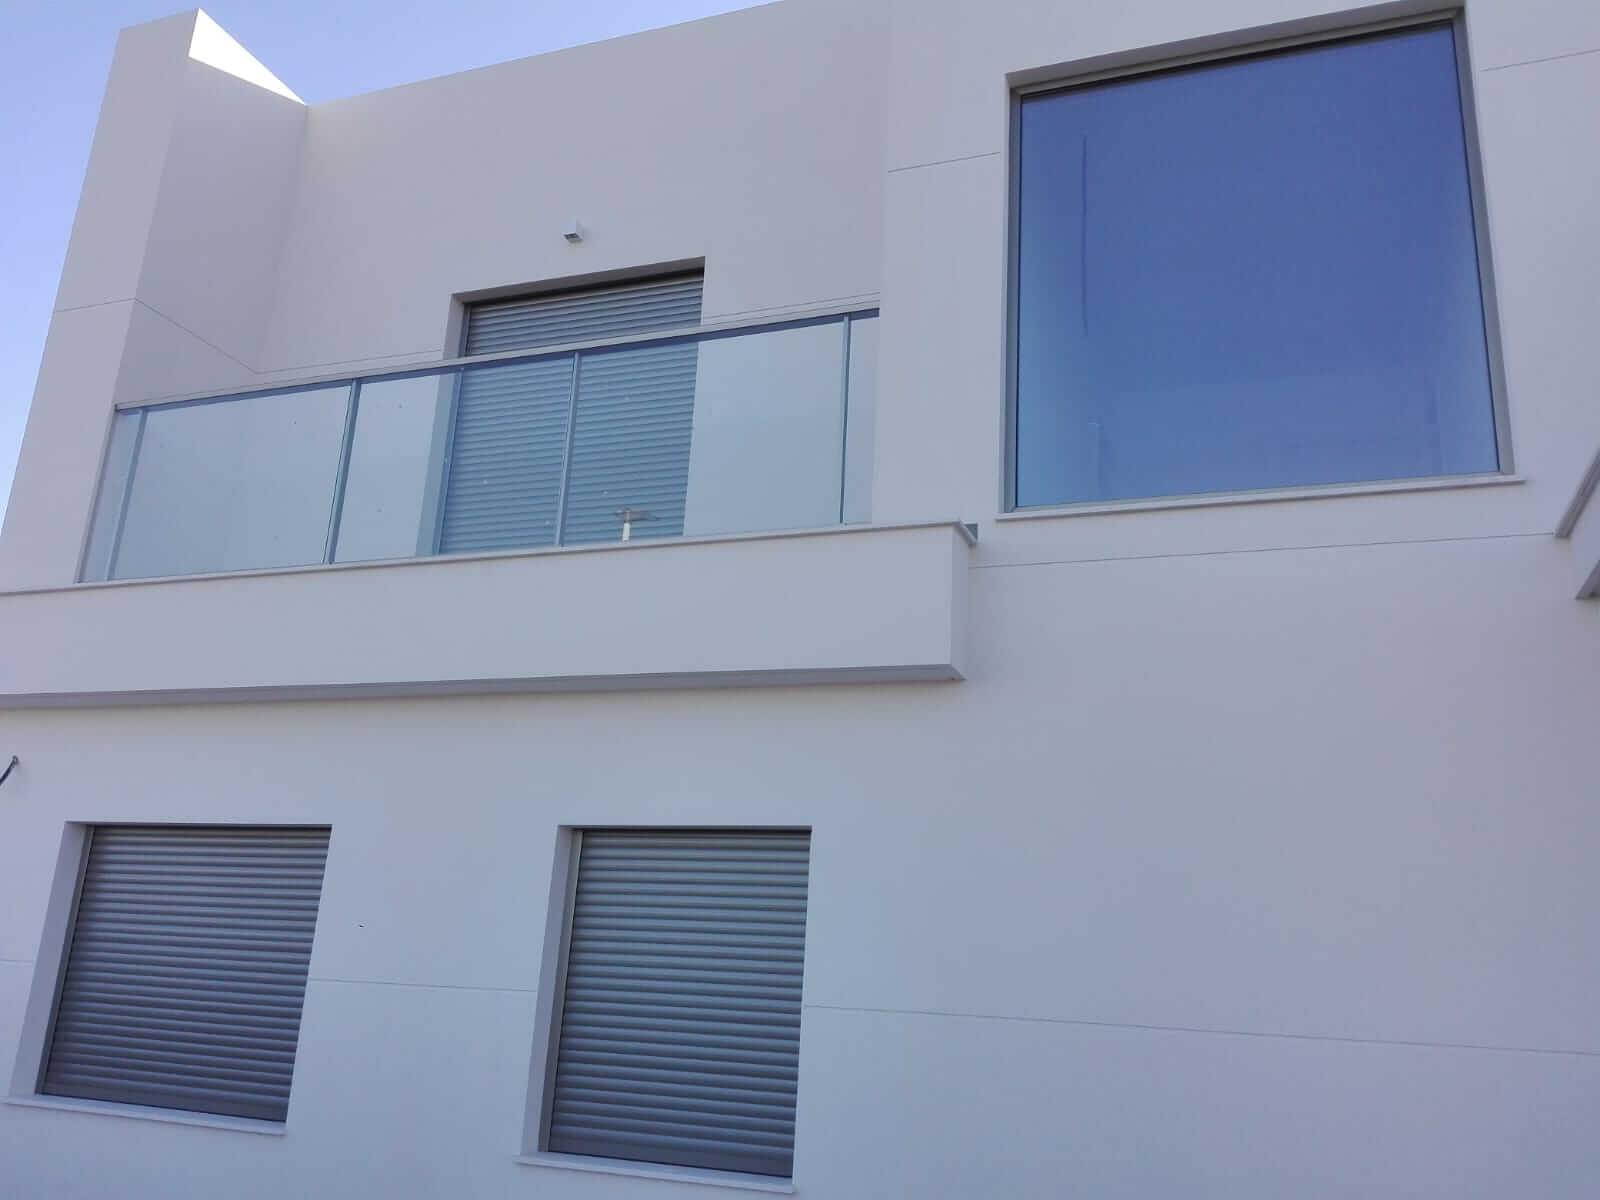 Fachada casa unifamiliar blanca, con cuatro ventanas y barandilla de balcón acristalada realizada por Finestral.